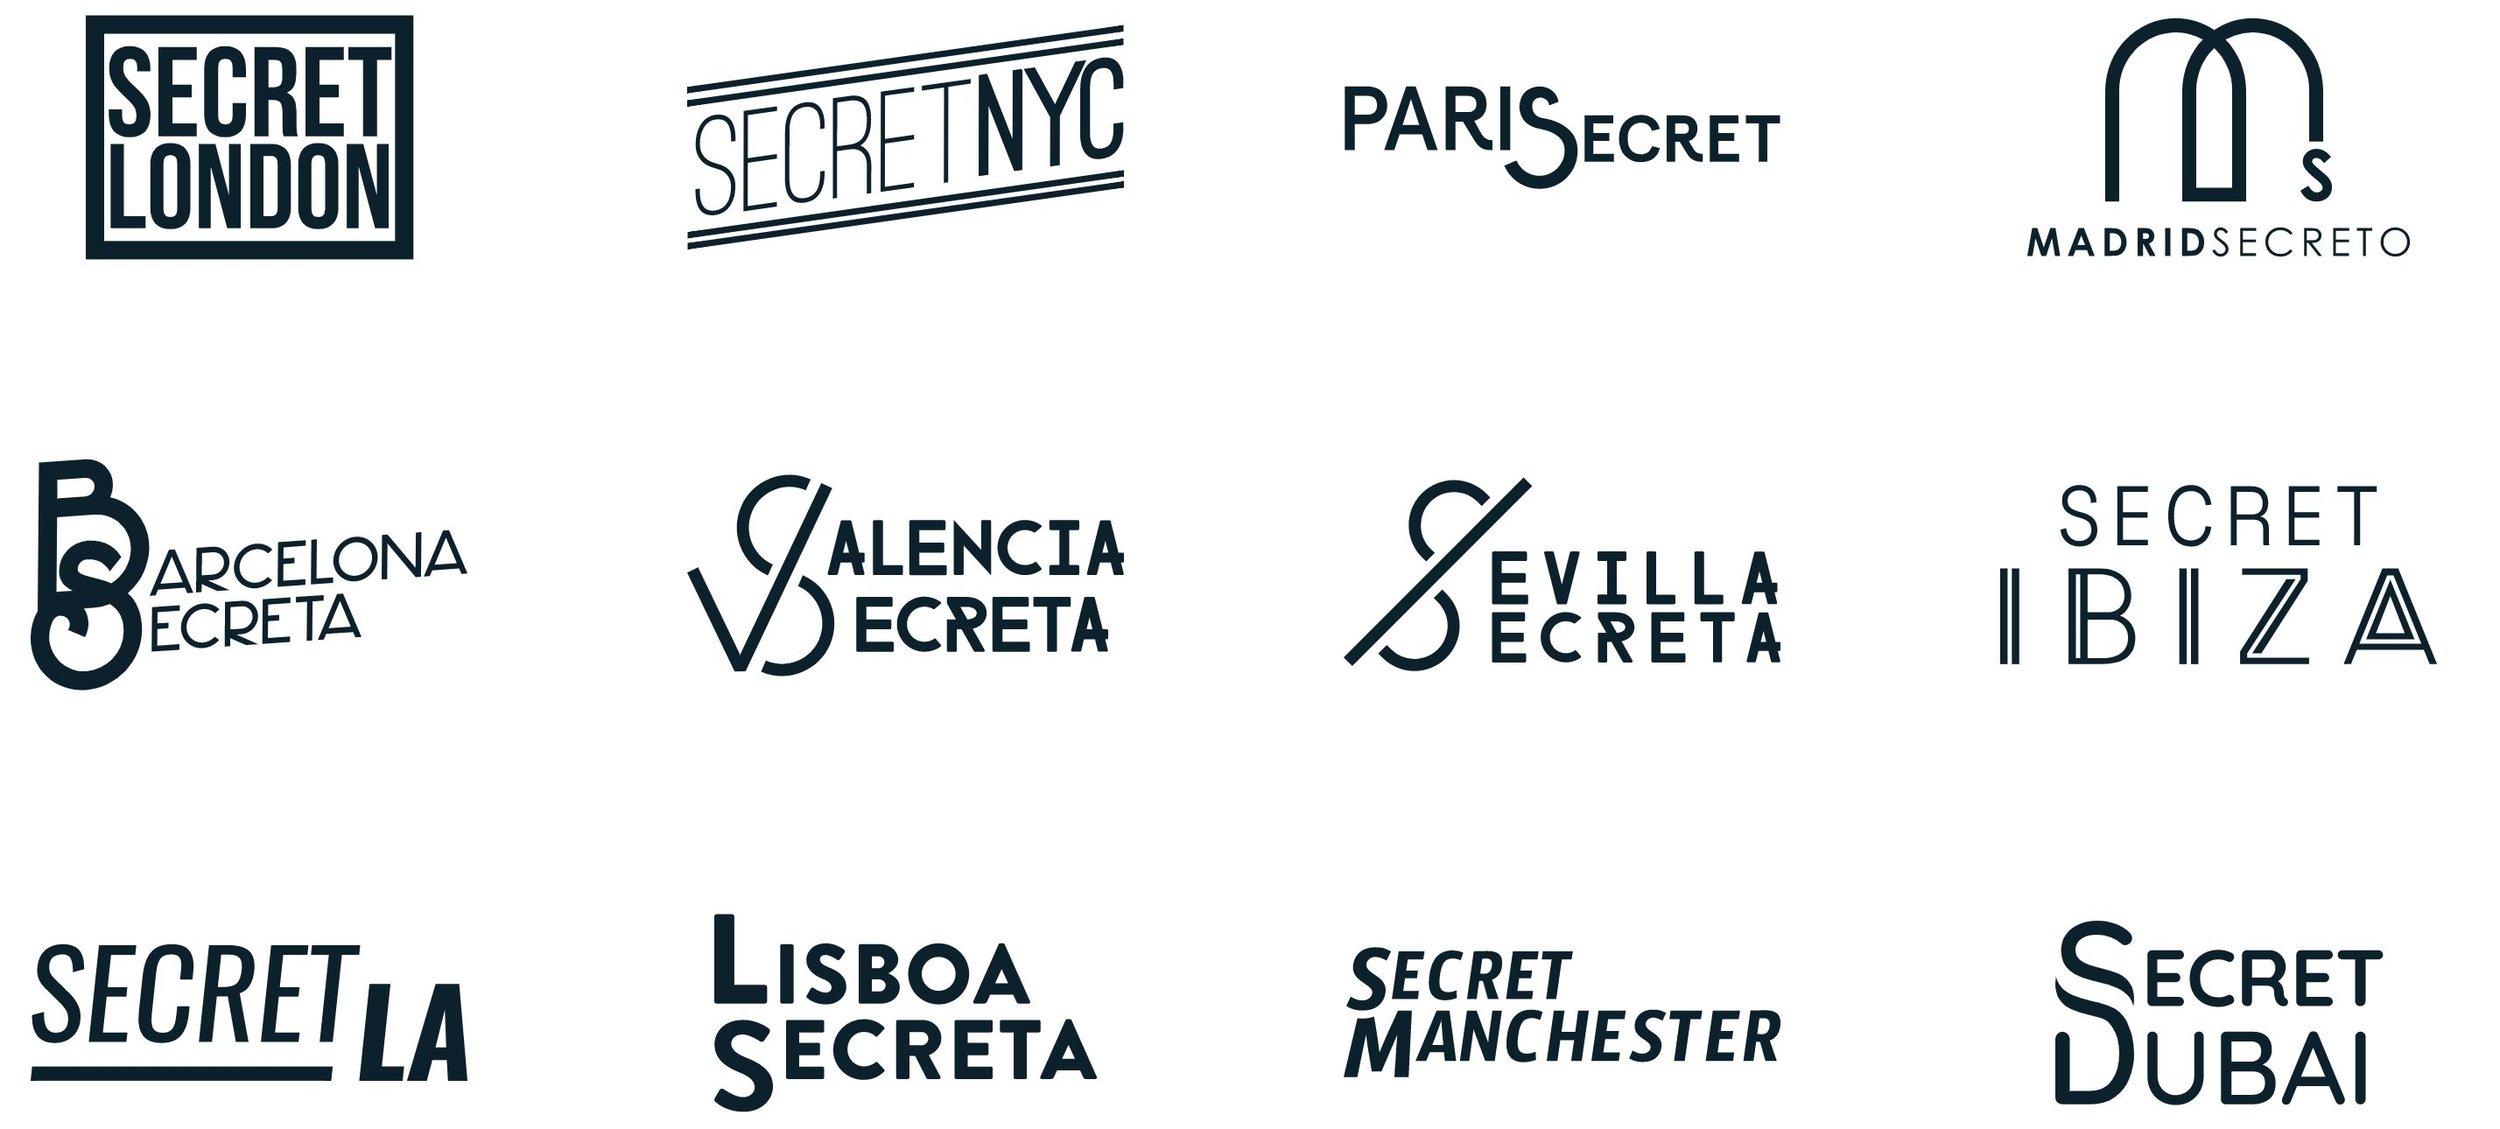 The Secret Media Network